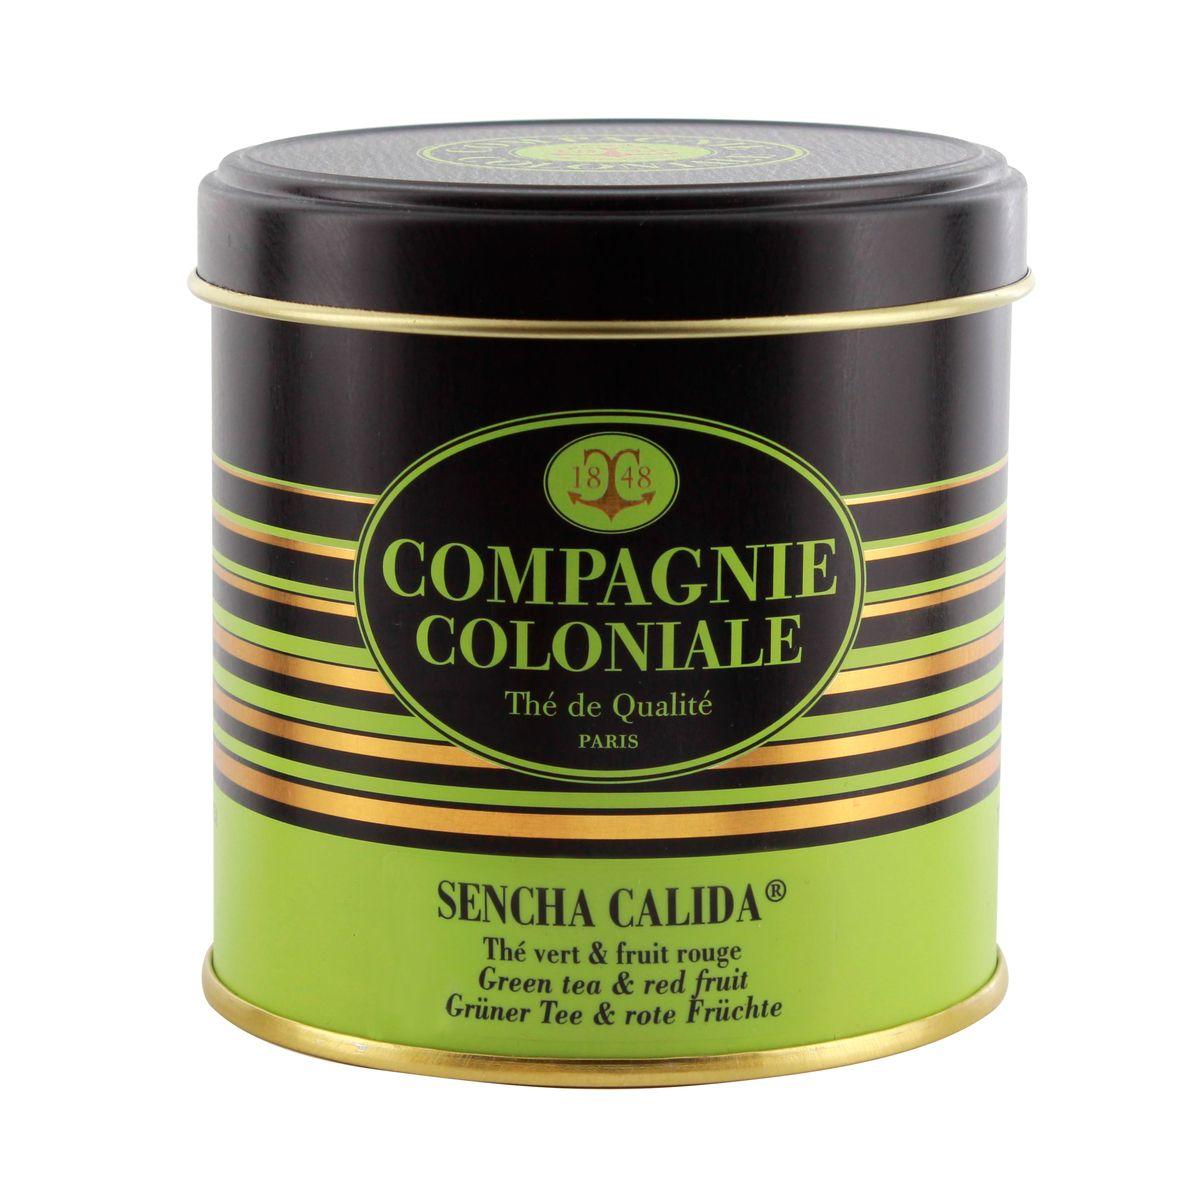 Thé vert aromatisé boîte métal Sencha Calida 100gr - Compagnie Coloniale